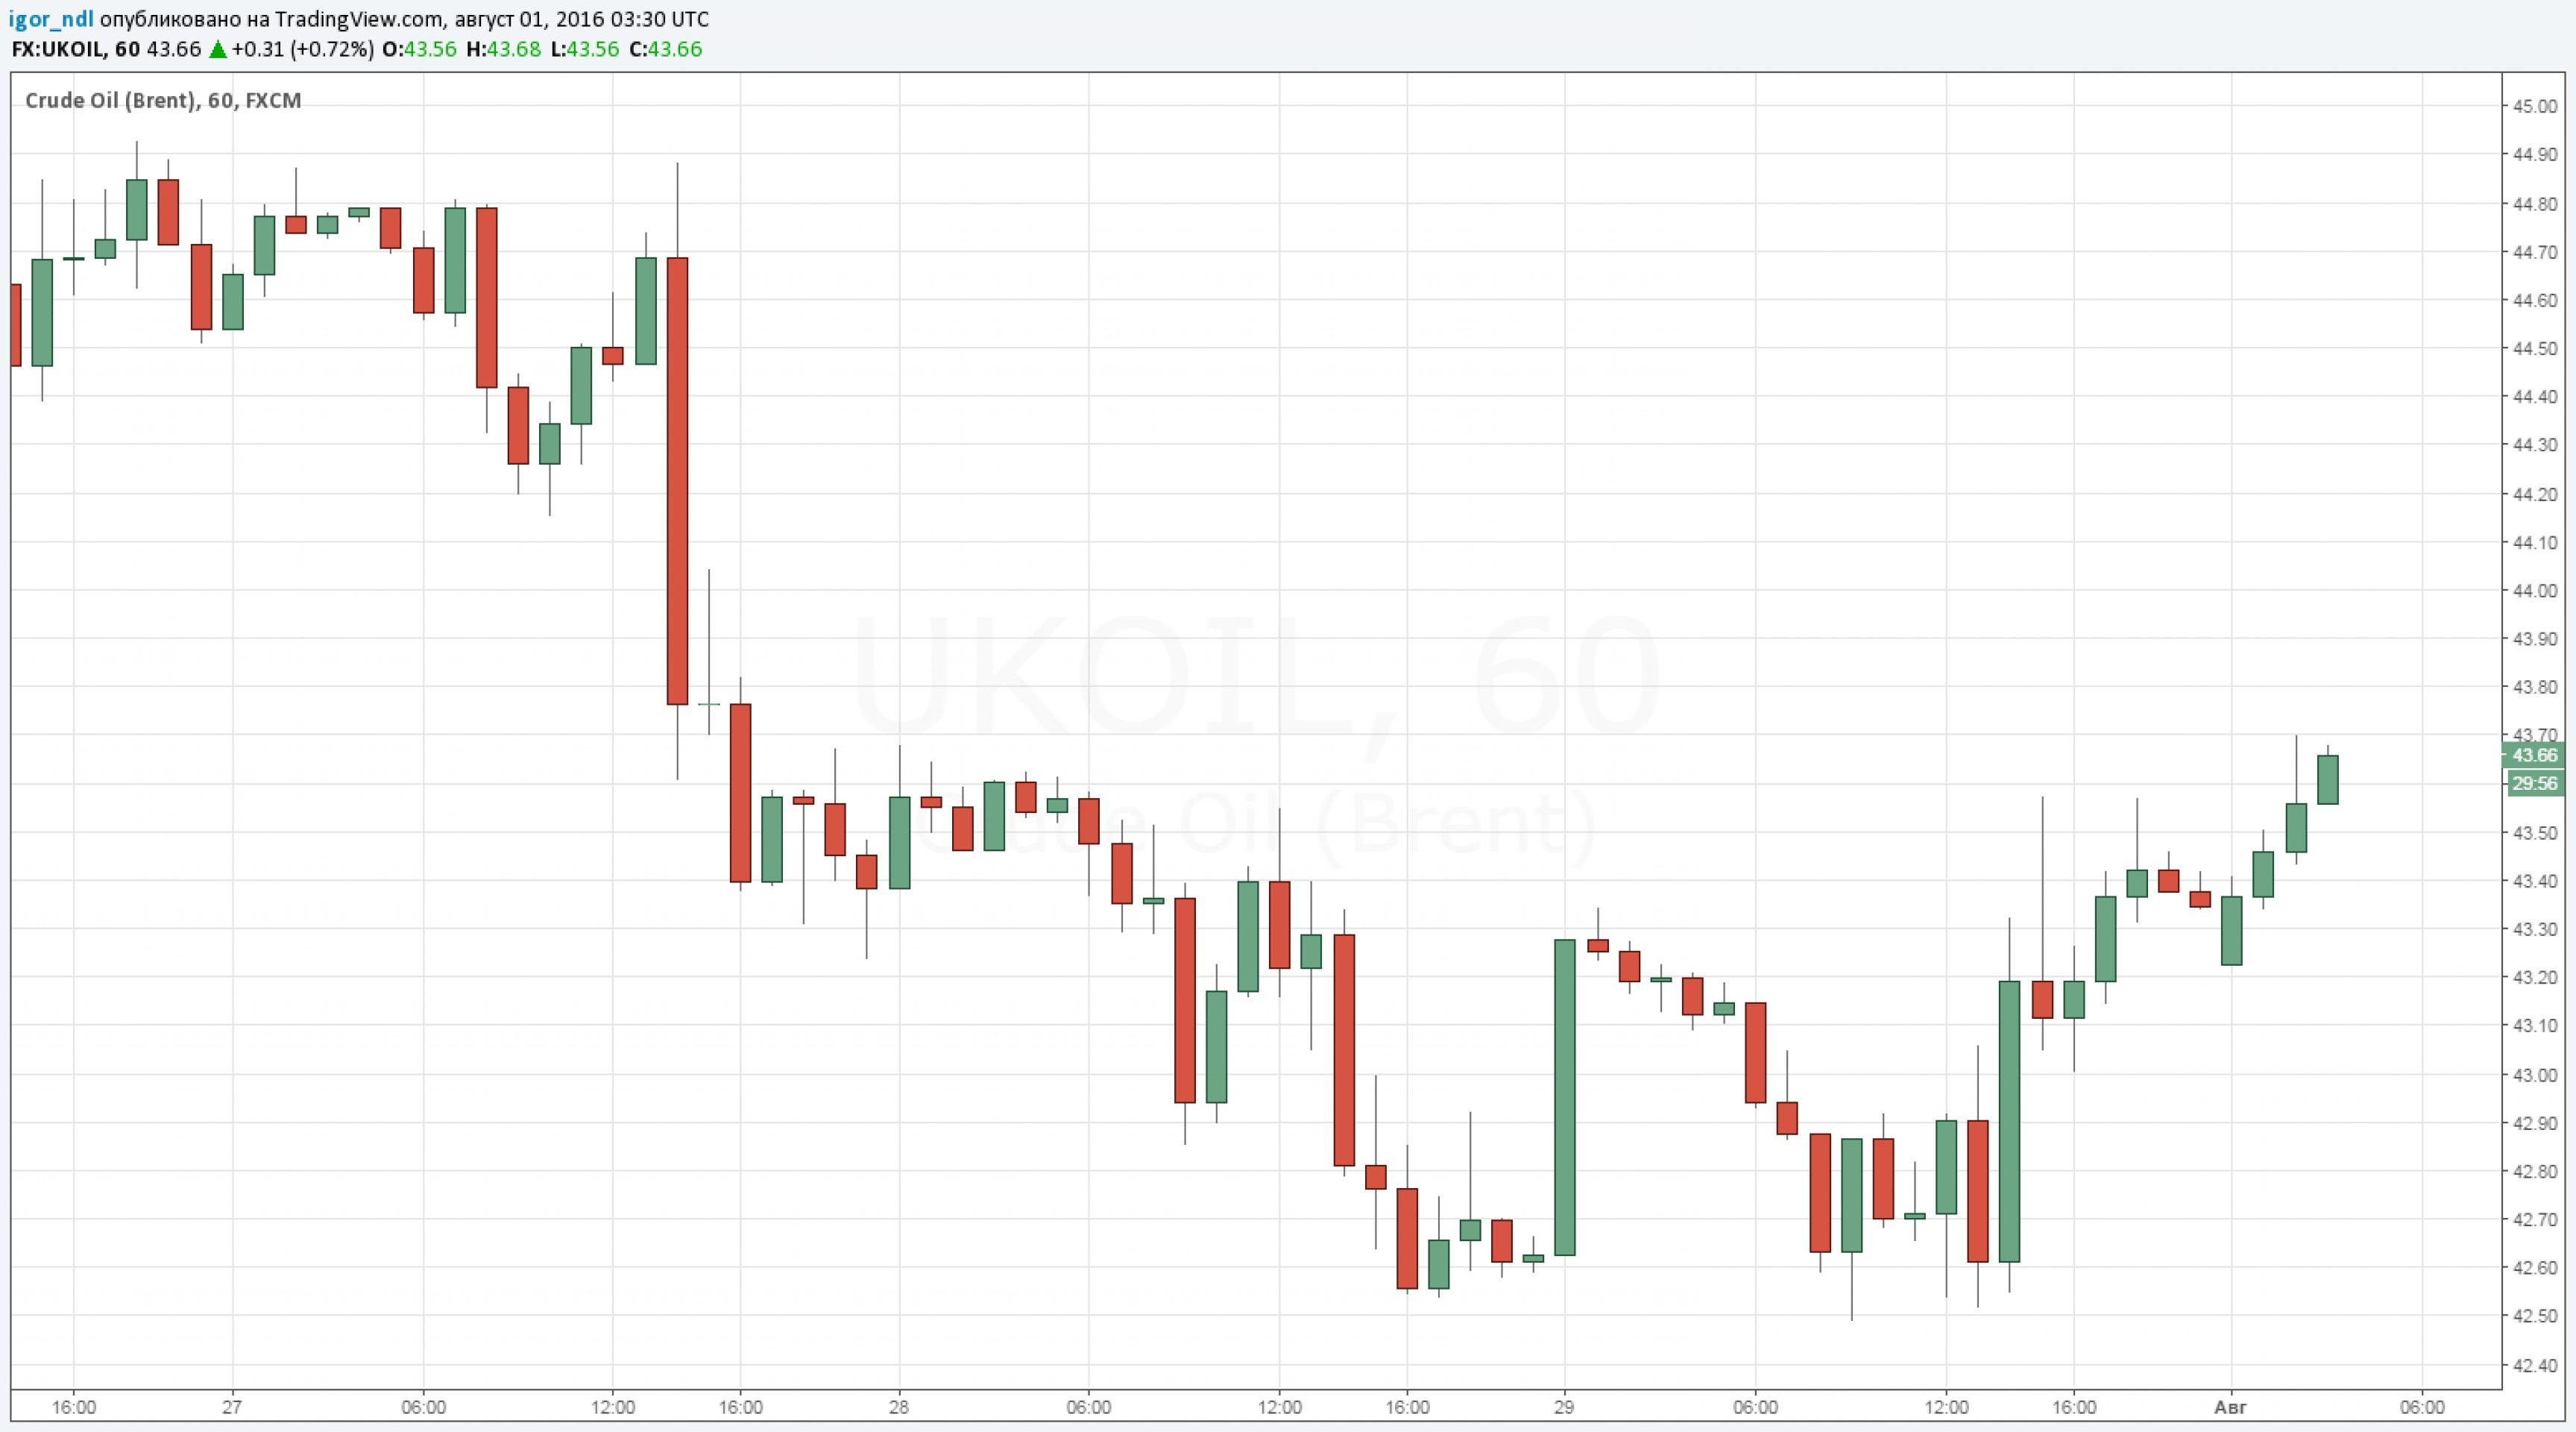 Почему рост добычи в ОПЕК не повлияет на цену нефти